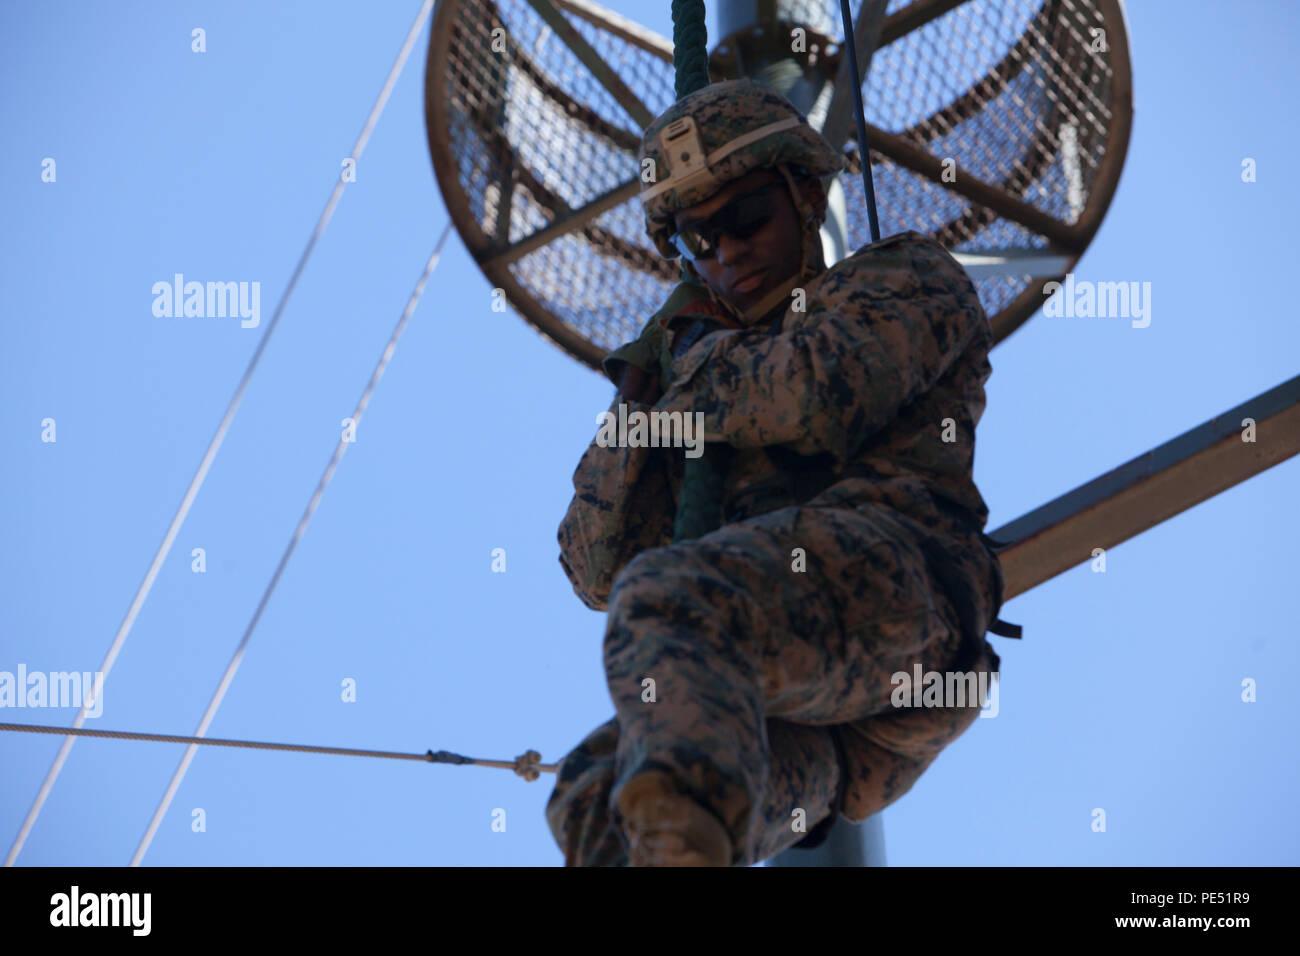 Cpl. Korey R.Newman rappels aus einem Turm an Baengnyeongdo, der Republik Korea, Sept. 6, 2015. Marines durchgeführt Ranger Training vertikale Hindernisse als Teil der Koreanische Marine Austauschprogramm 15-13, ein bilaterales Training übung, dass die ROK und die US-amerikanische Allianz steigert zu überwinden, fördert die Stabilität auf der koreanischen Halbinsel, und stärkt die ROK und US-amerikanischen militärischen Fähigkeiten und die Interoperabilität. Newman, aus Brooklyn, New York, ist der 2. Squad Leader für 2 Platoon, Echo, 2. Bataillon, derzeit 4. Marine Regiment zugeordnet, 3rd Marine Division, III Marine Expeditionary Force unter Stockbild